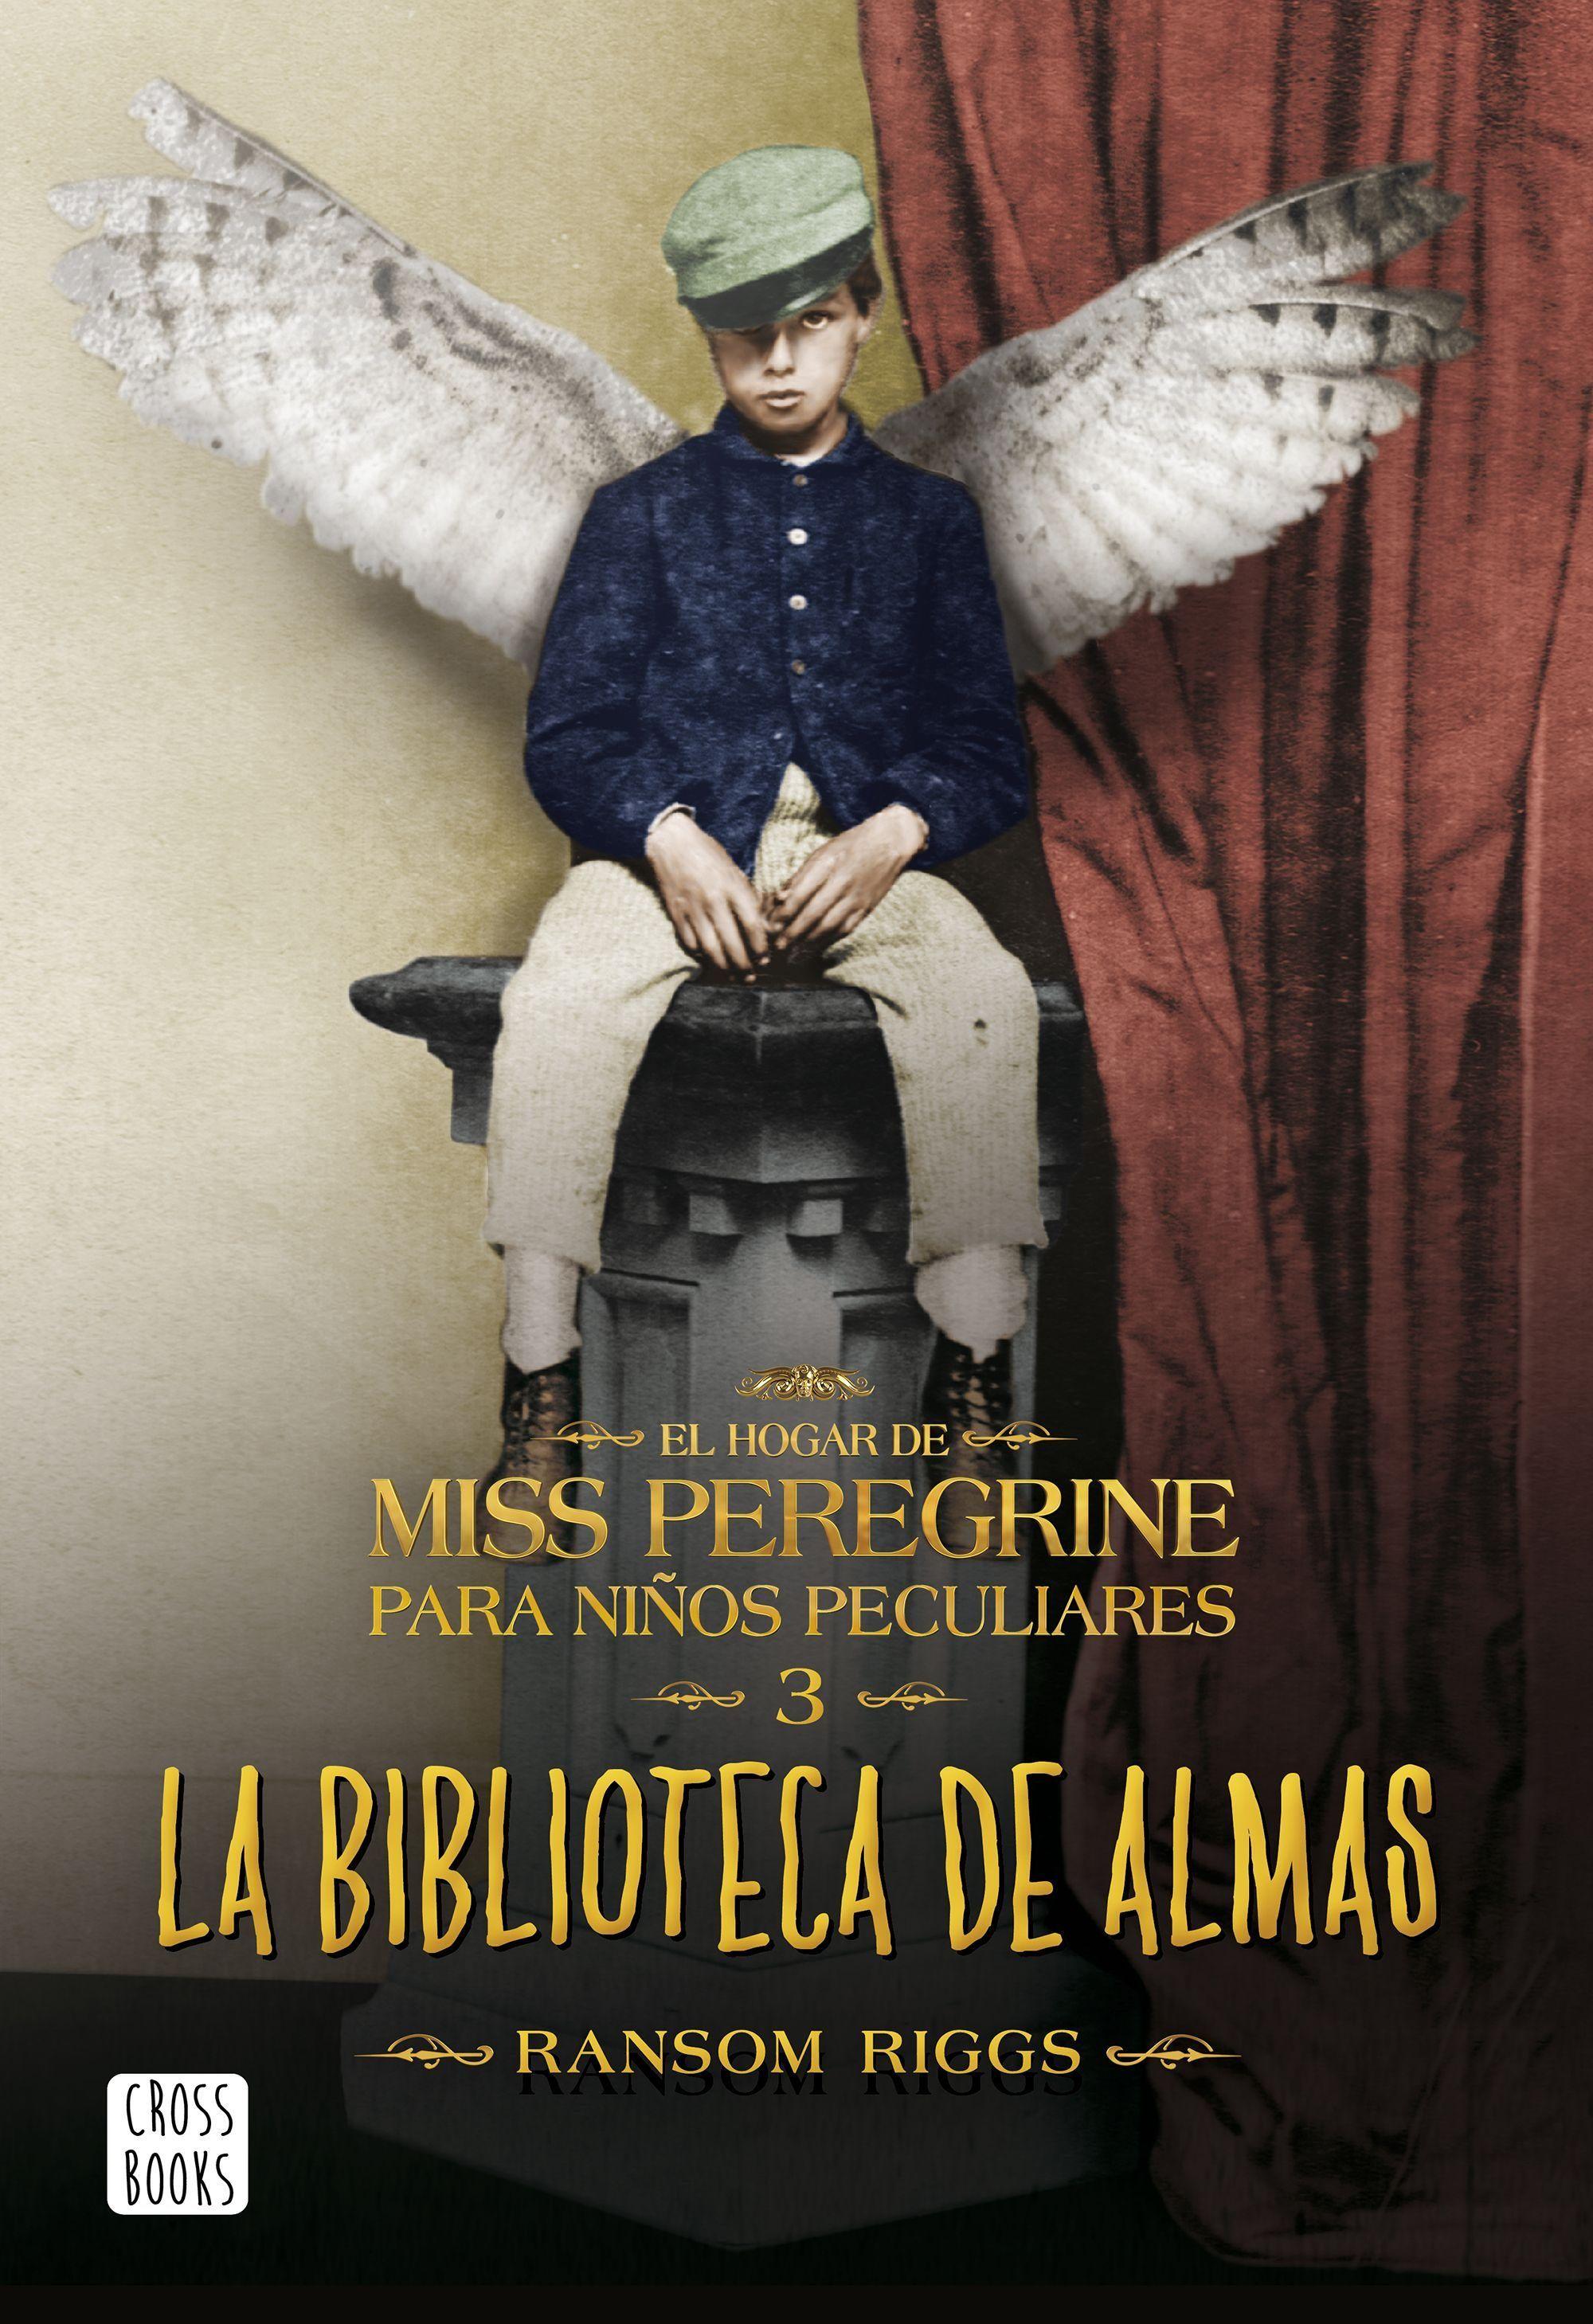 La Biblioteca De Almas El Hogar Para Ninos Peculiares De Miss